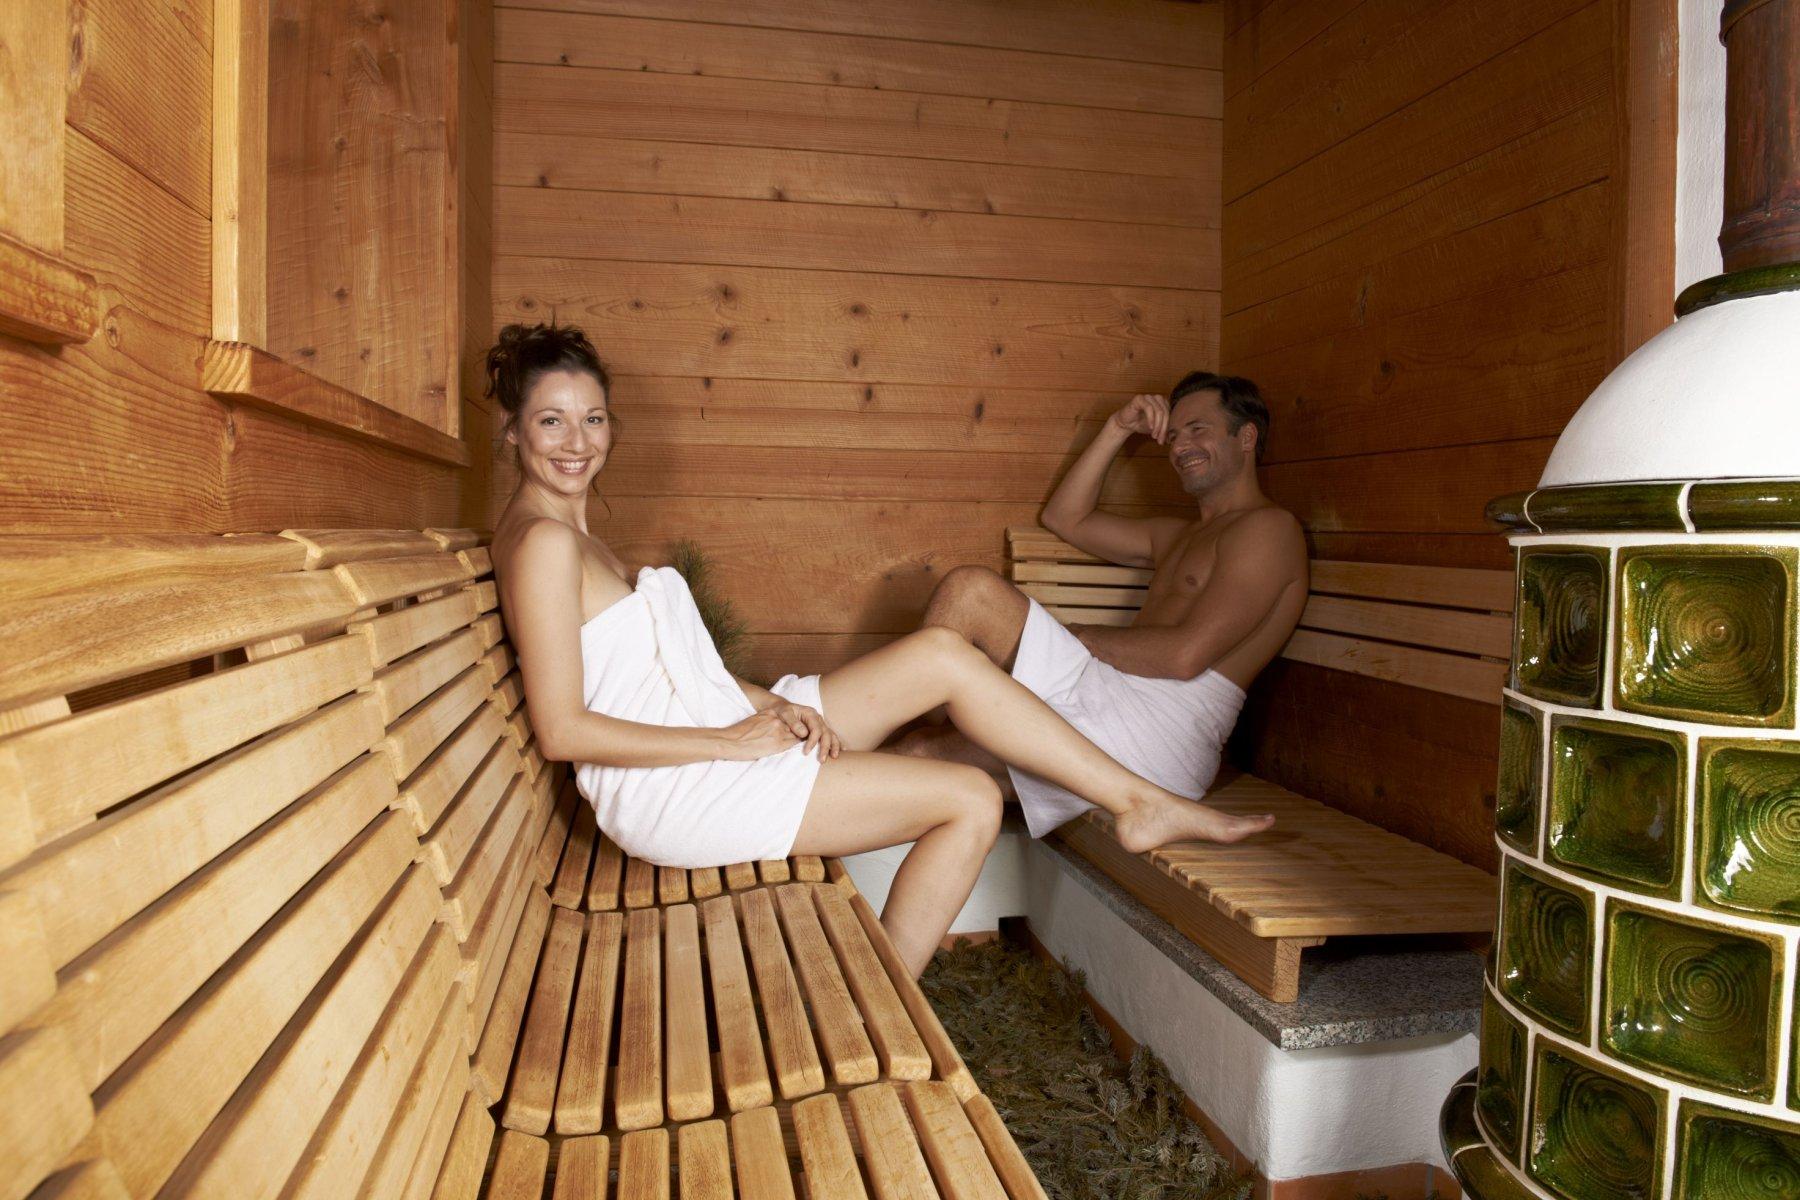 Die Sauna des Haubers bietet Wellness und Entspannung bei angenehmen 40°C und 50% Luftfeuchtigkeit.